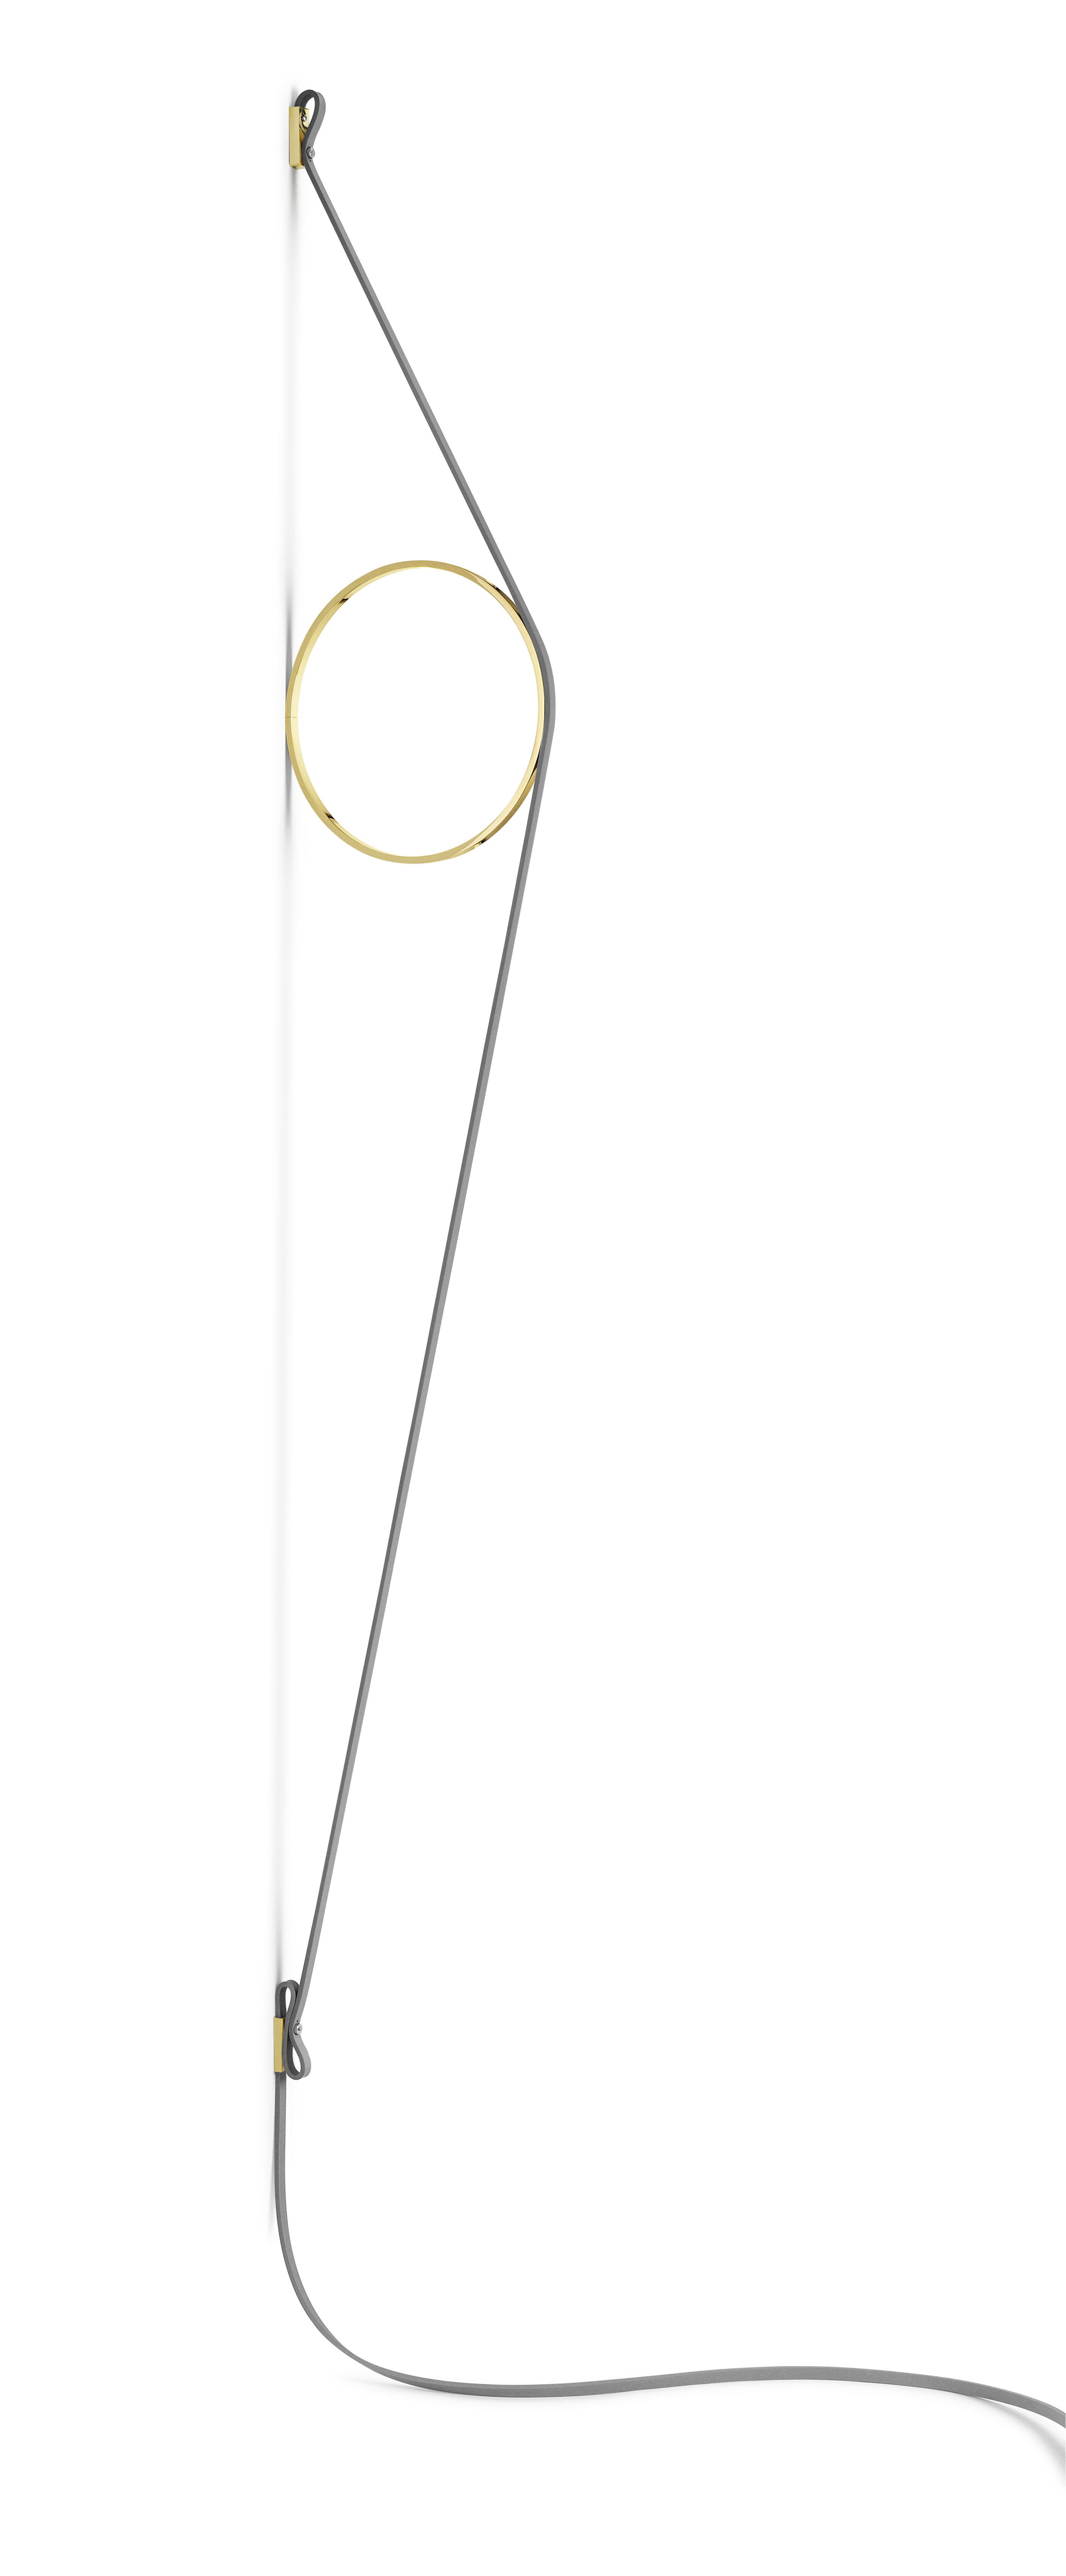 Illuminazione - Lampade da parete - Applique Wirering - / LED - H 208 cm di Flos - Câble gris / Anneau or - Alluminio, Gomma